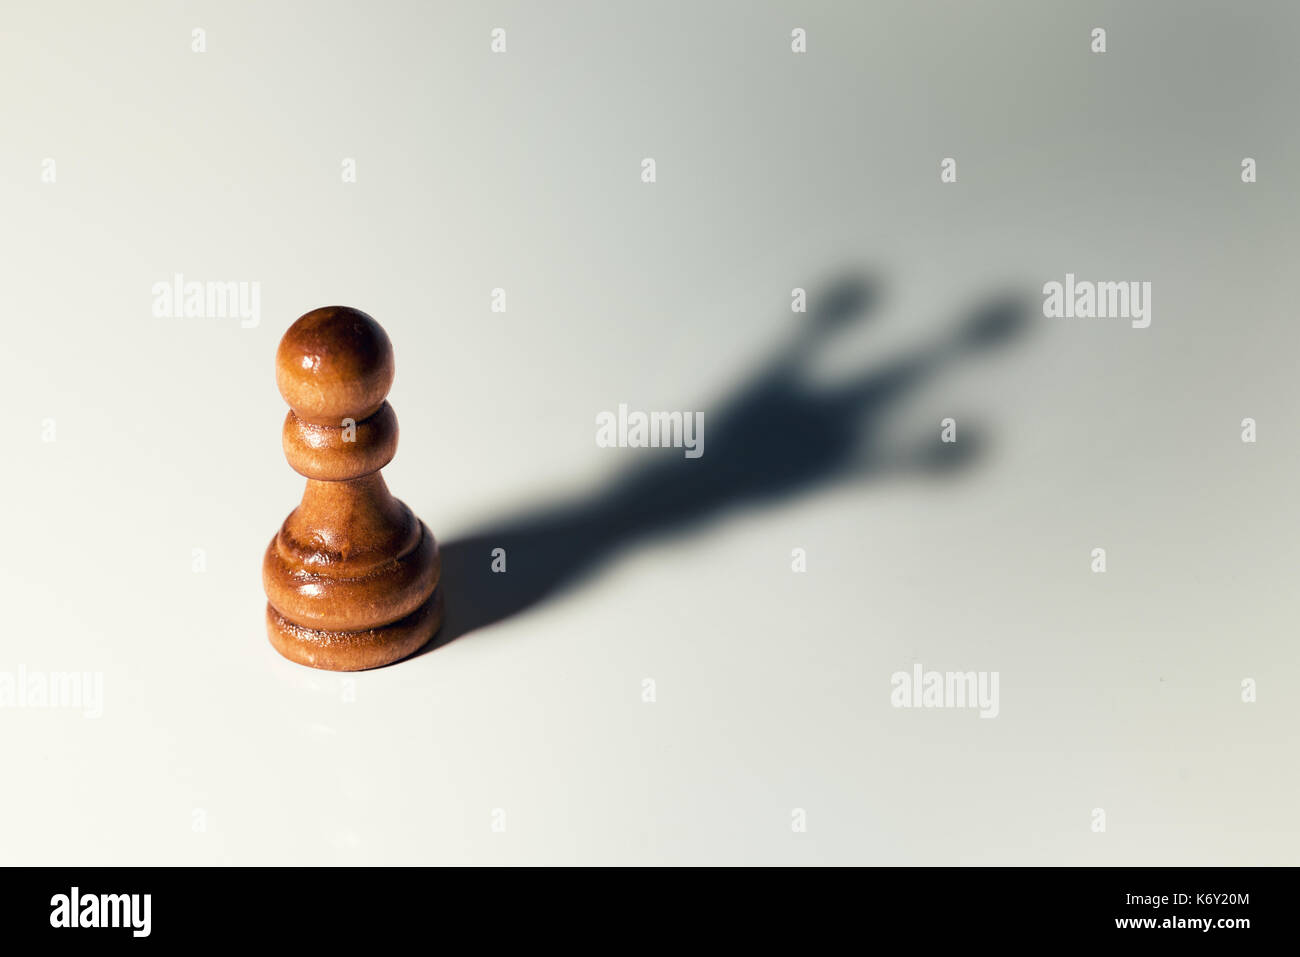 Abbi fiducia in te stesso concetto - pedina di scacchi con re ombra Immagini Stock